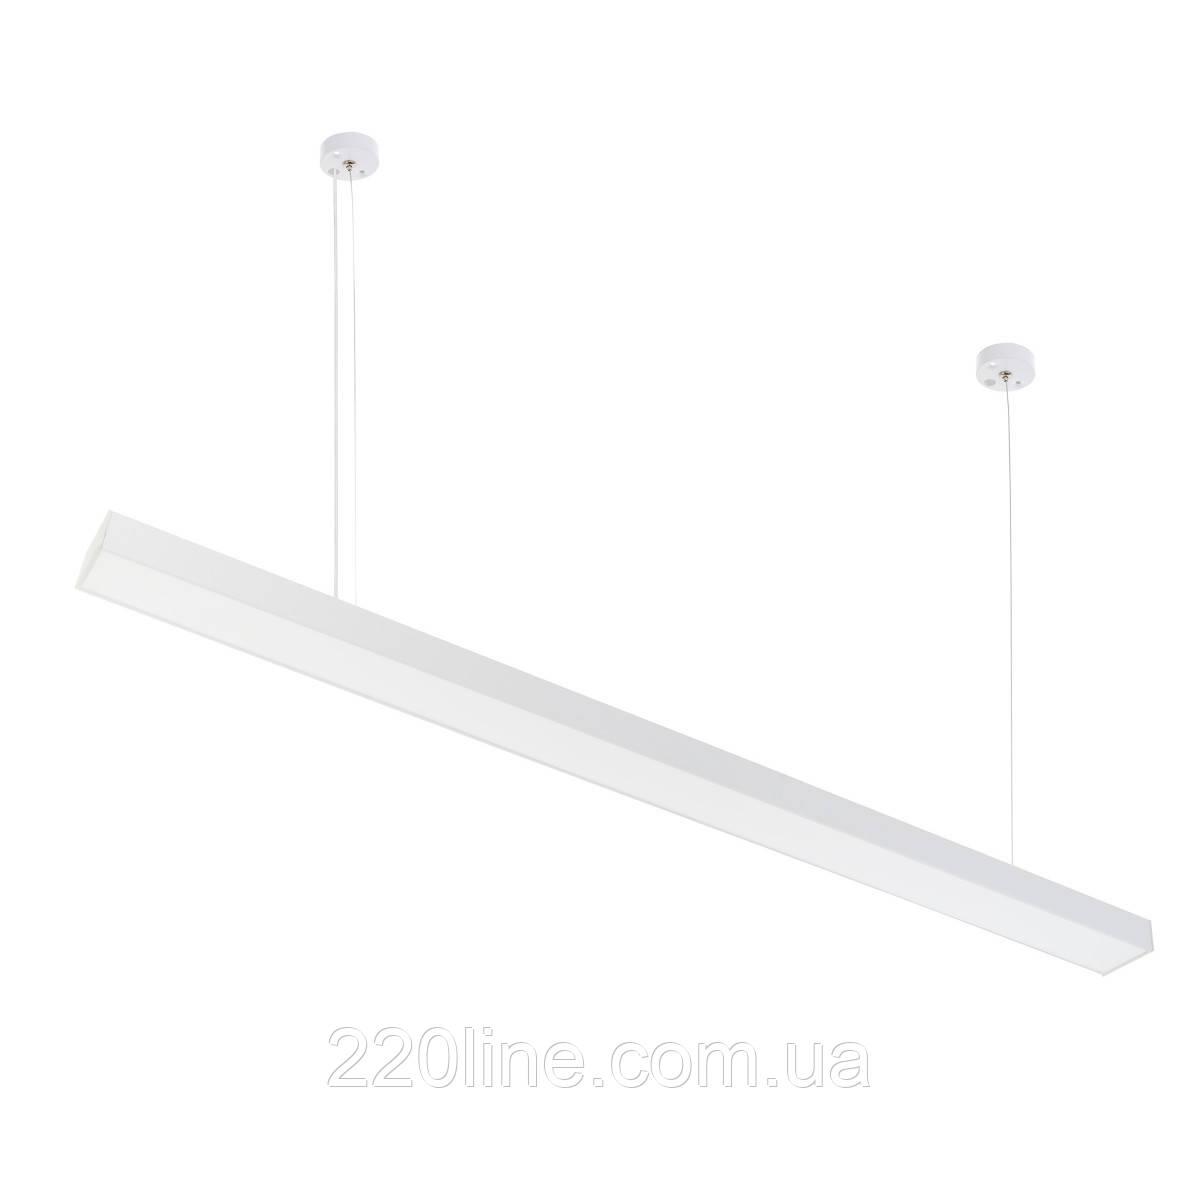 Світильник підвісний лінійний офісний світлодіодний FLF-94/36W NW WH